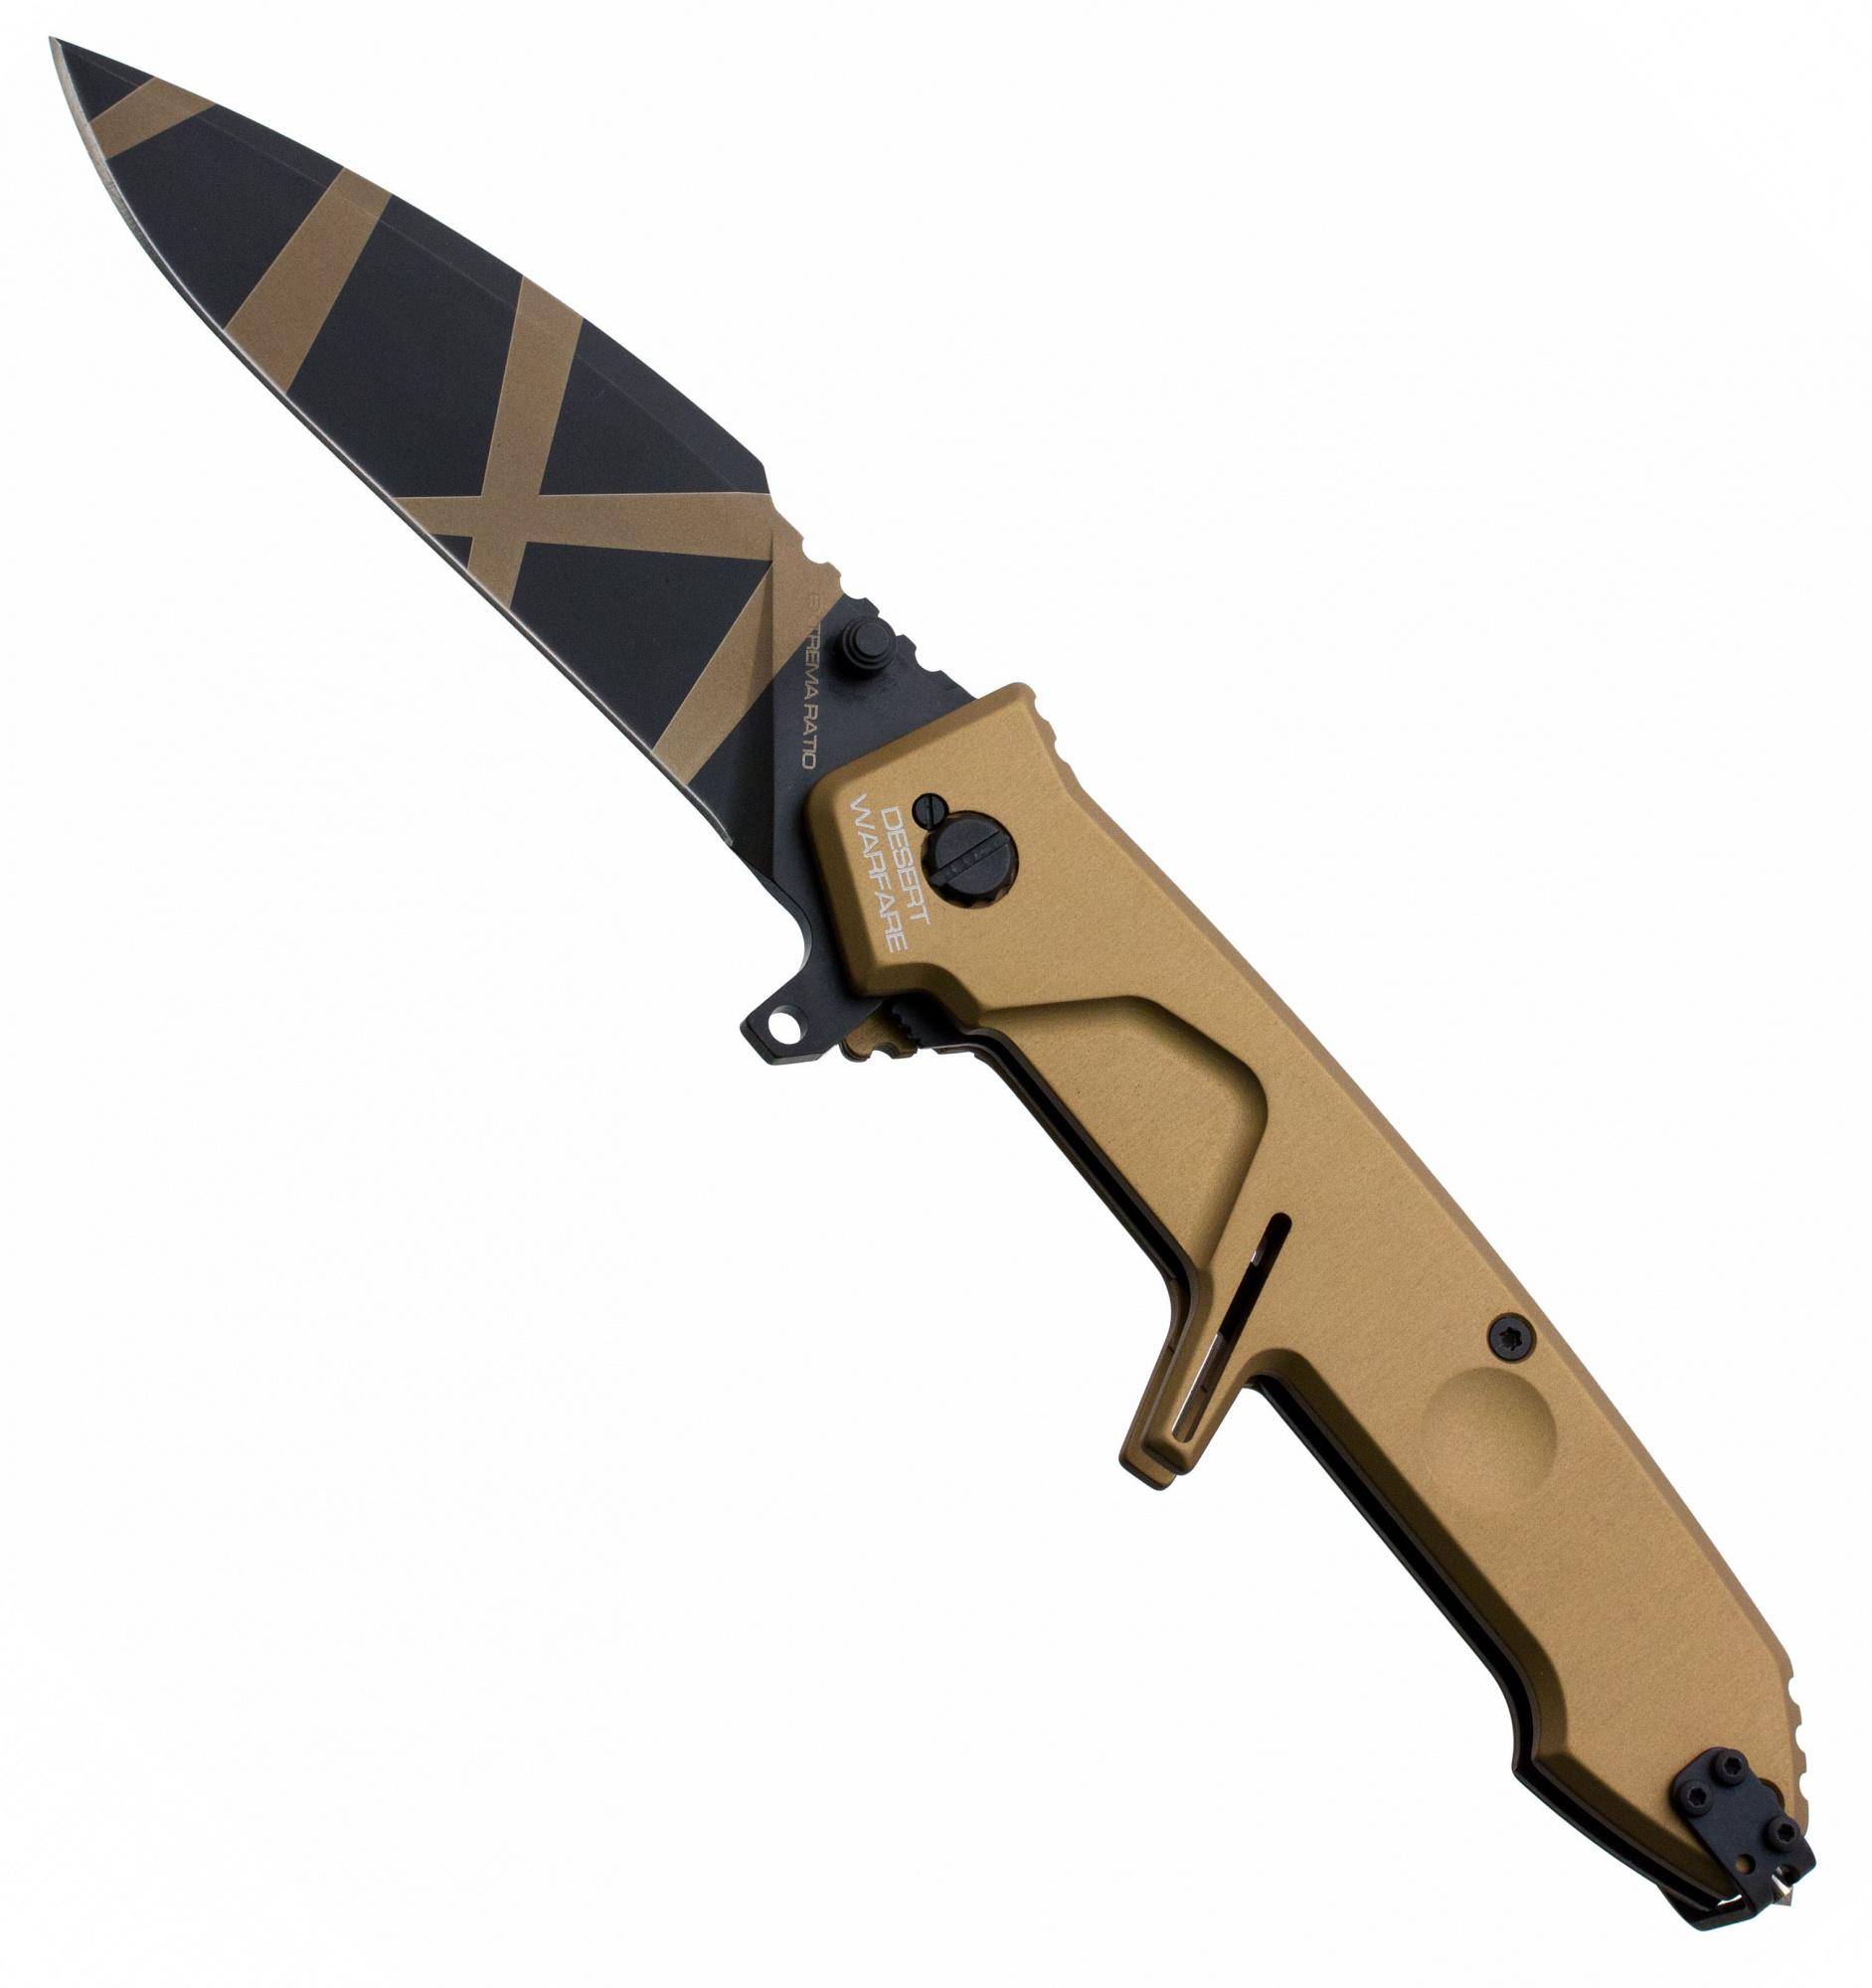 Medium FoldersНожи туристические<br>Нож складной<br>